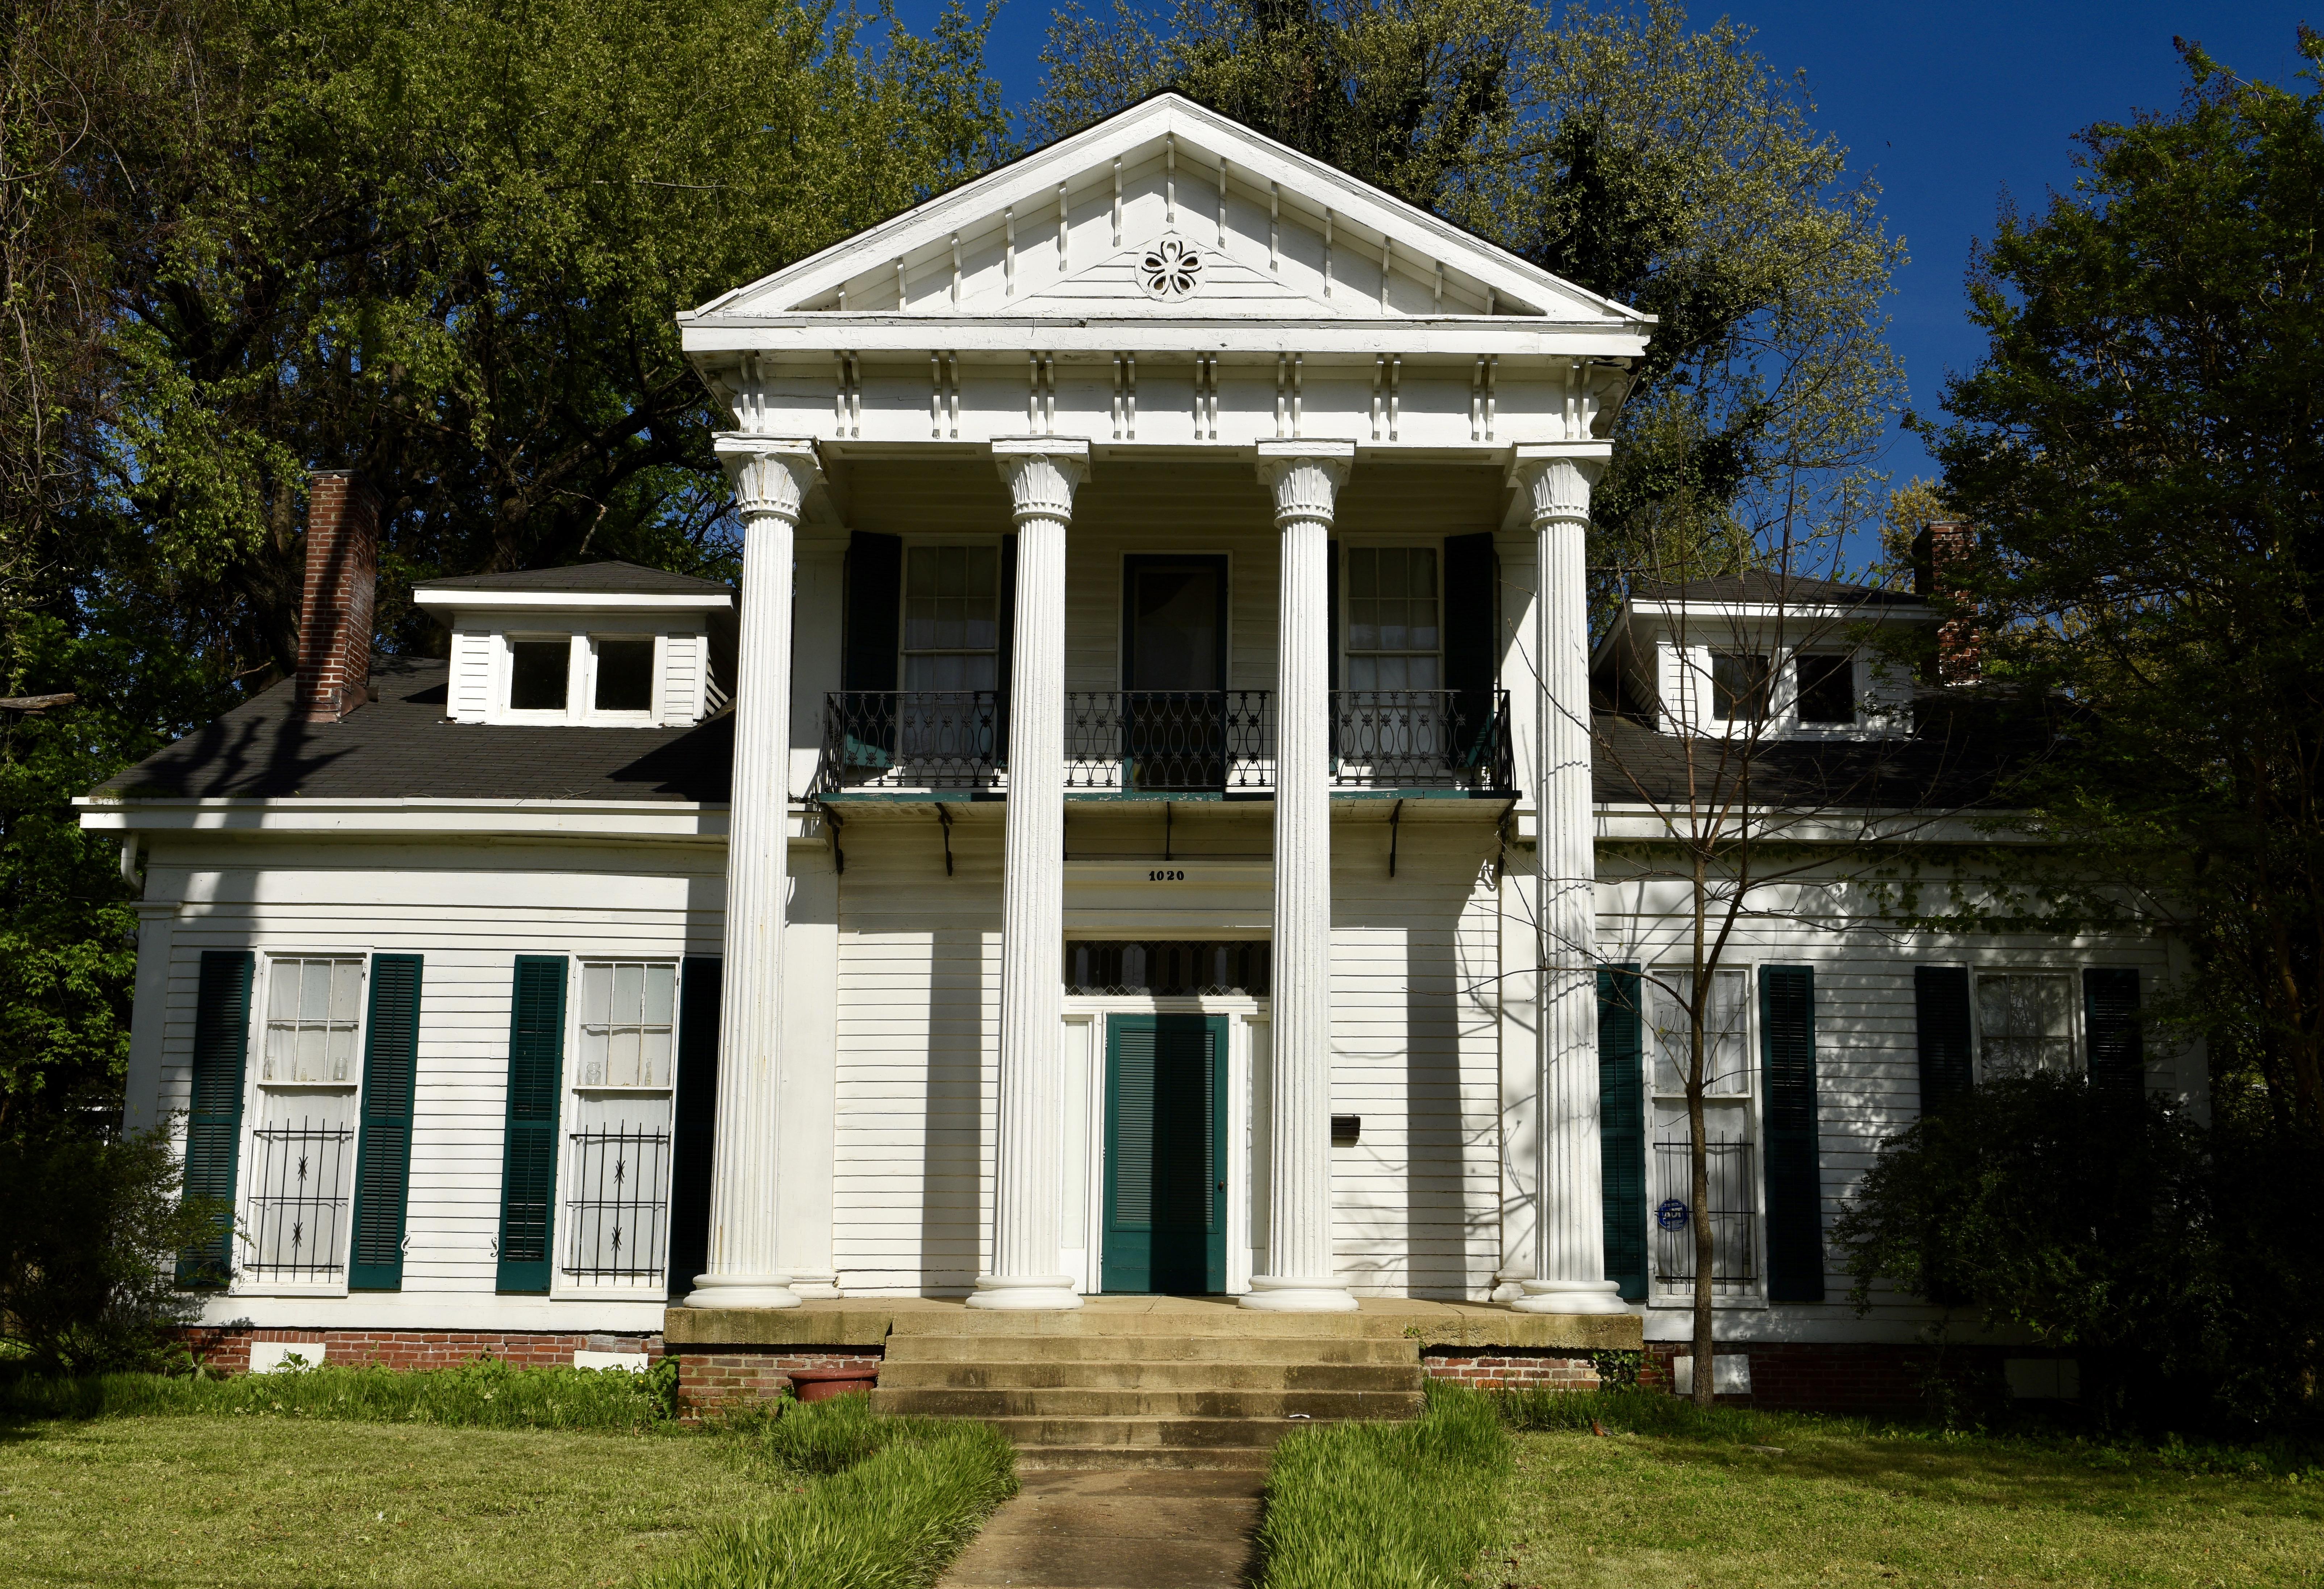 Rynor House